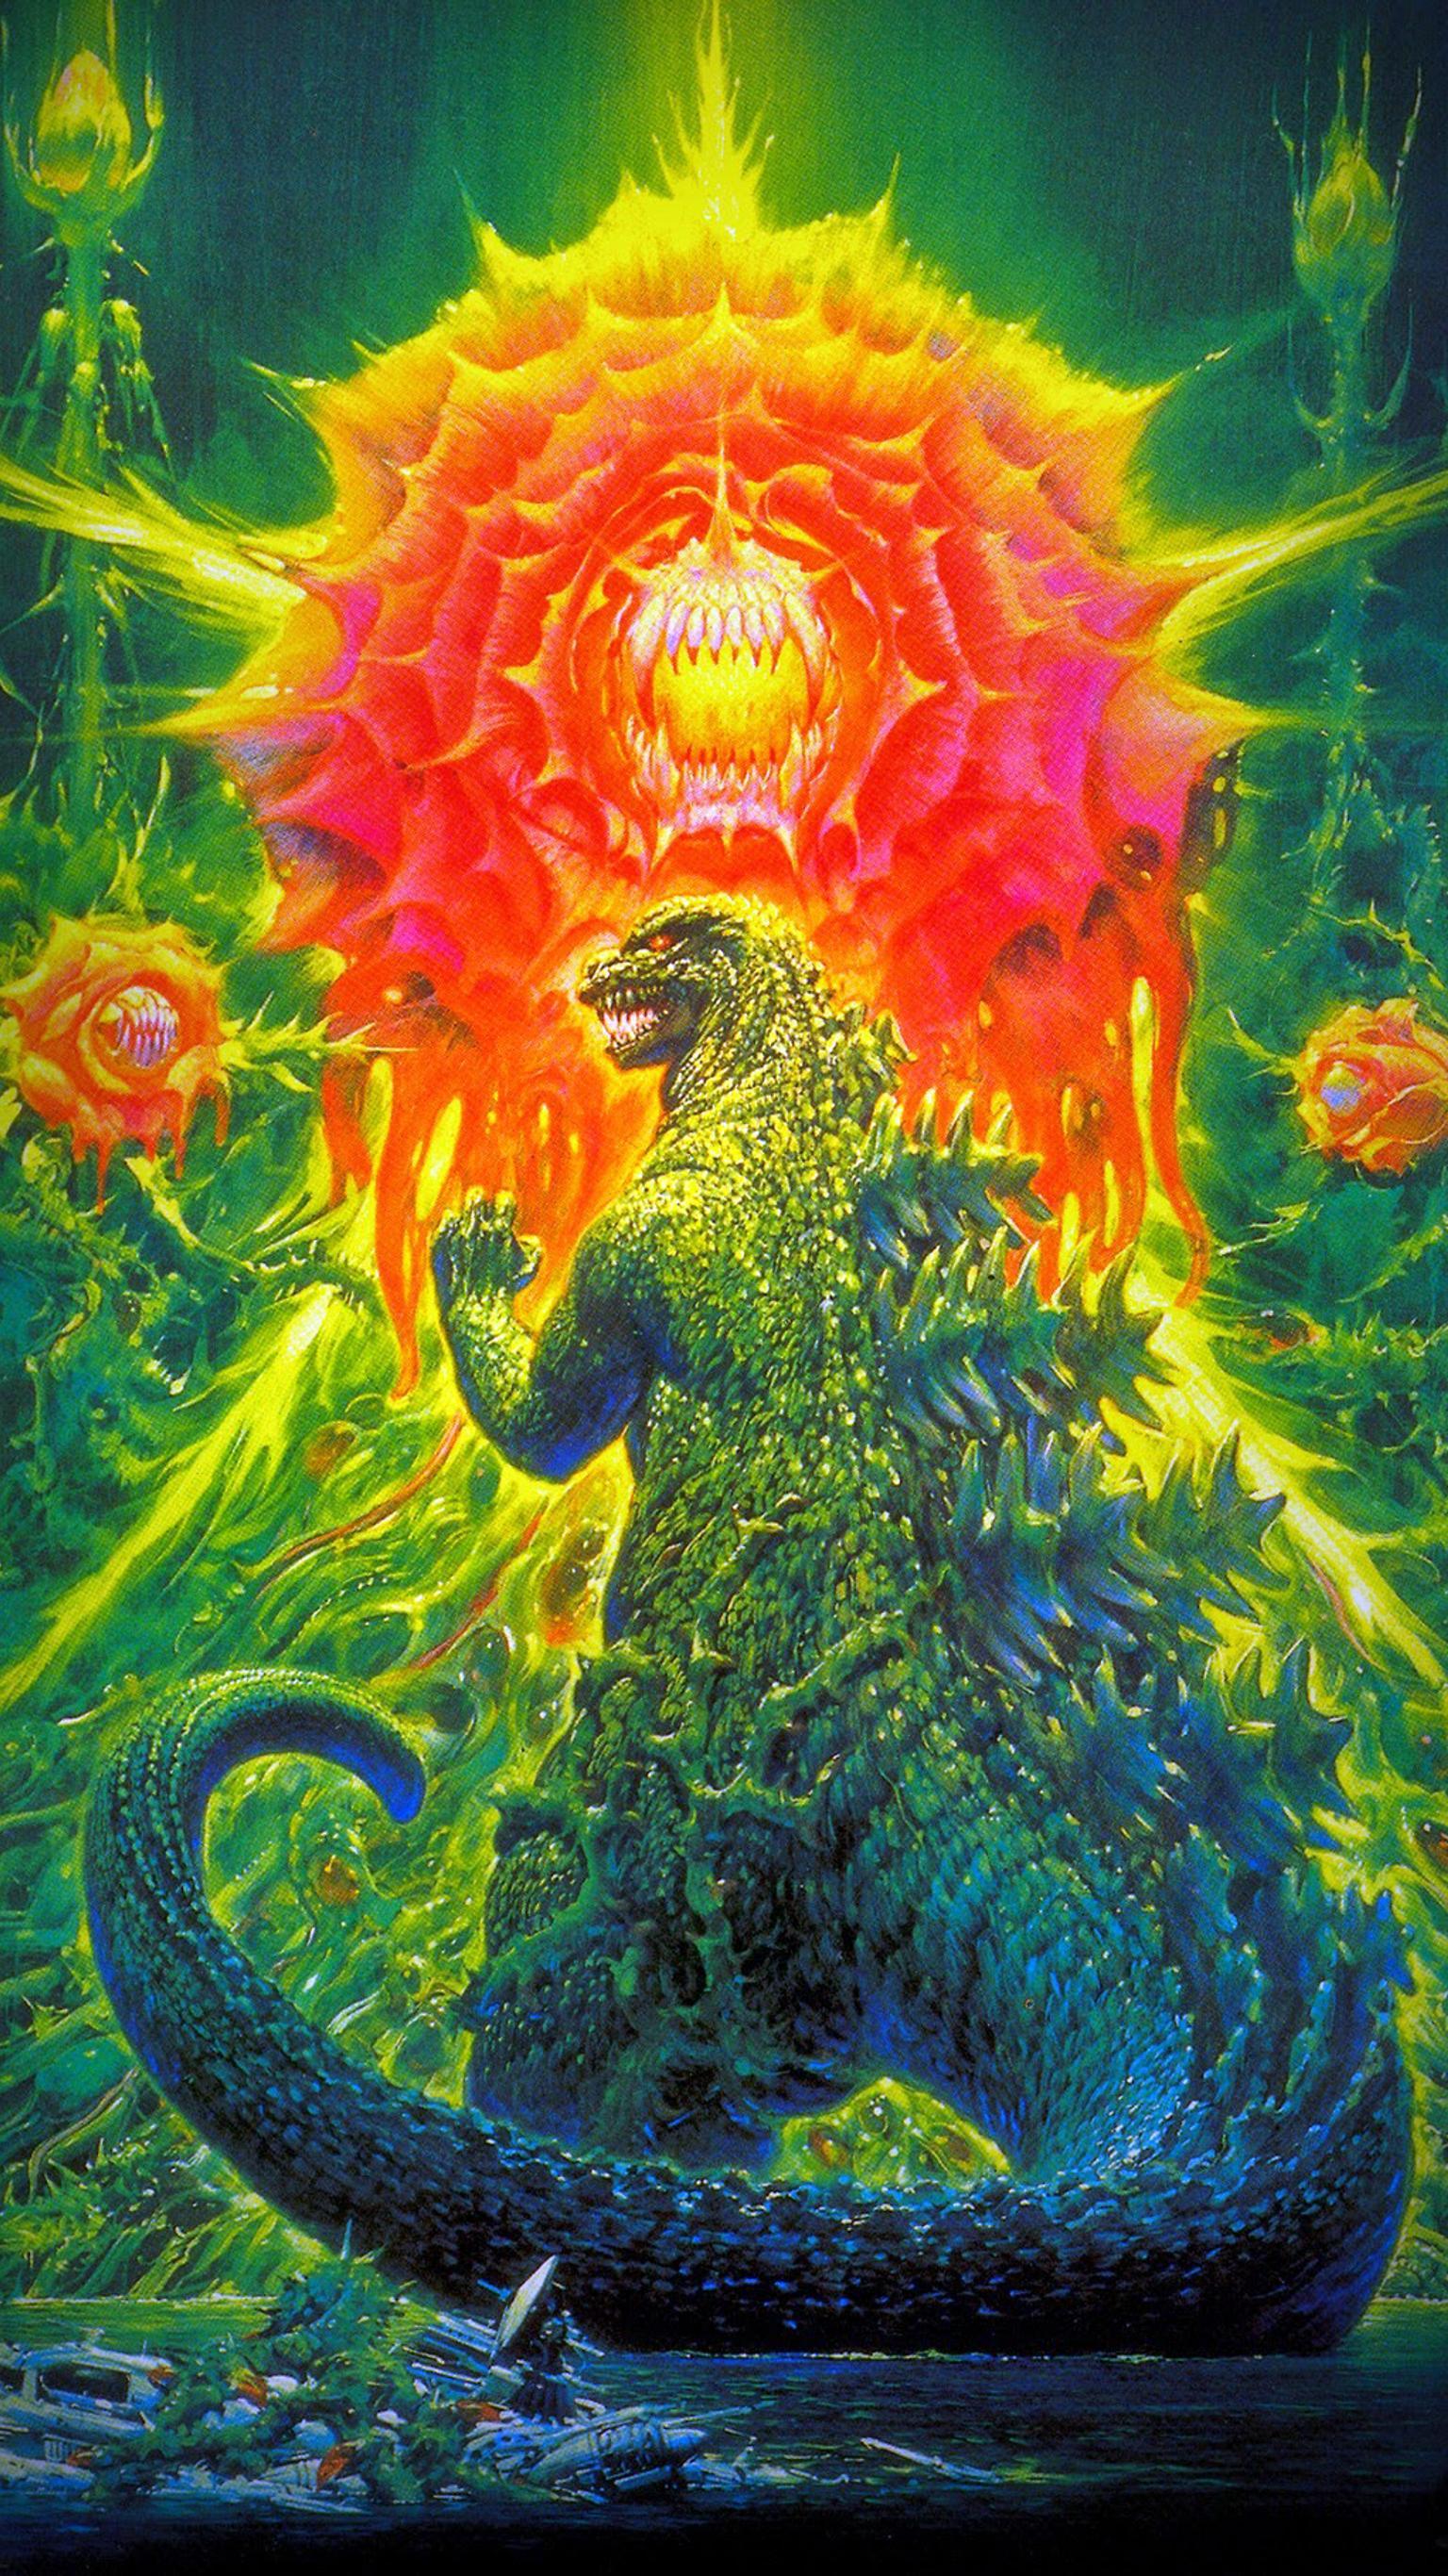 Godzilla vs Biollante 1989 Phone Wallpaper Moviemania 1536x2732